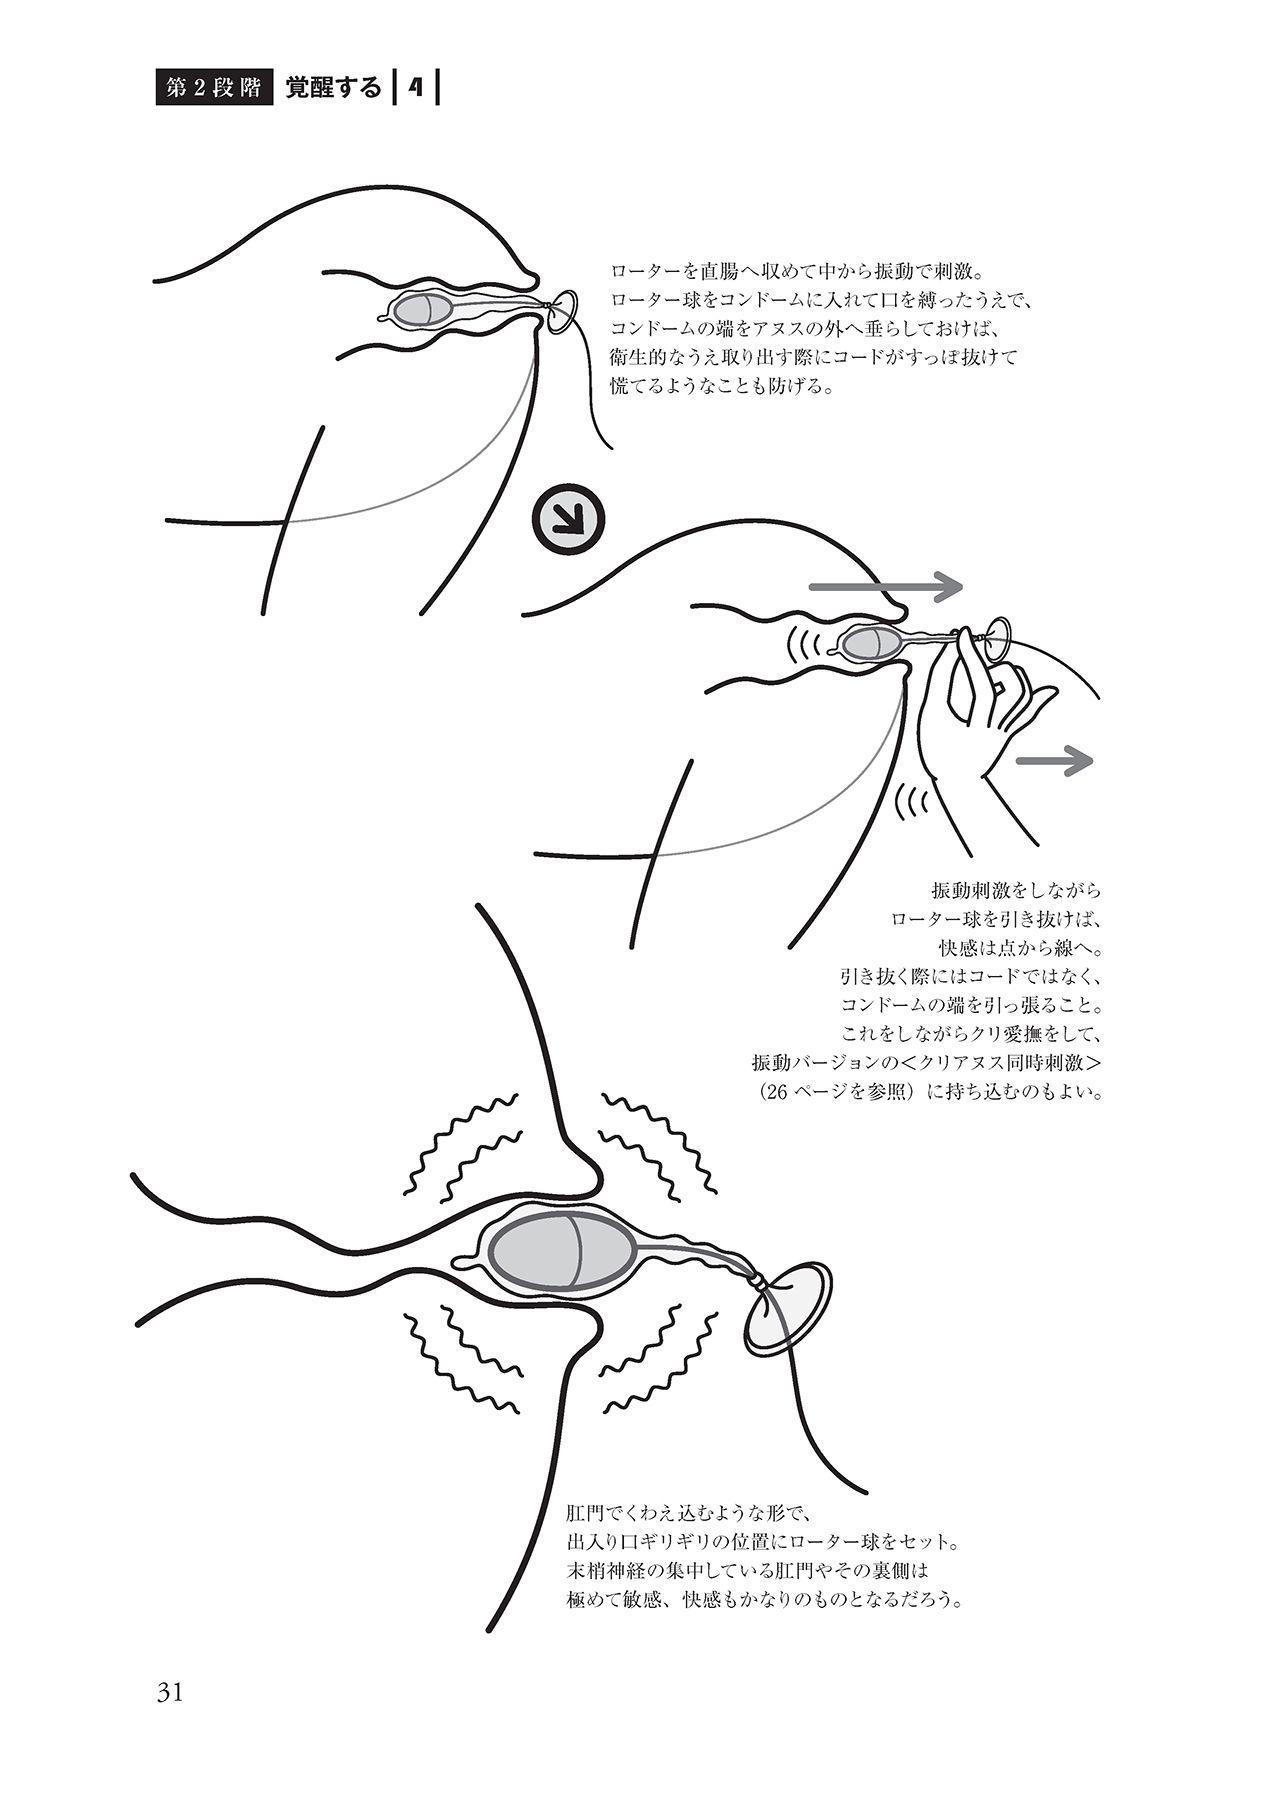 アナル性感開発・お尻エッチ 完全マニュアル 32